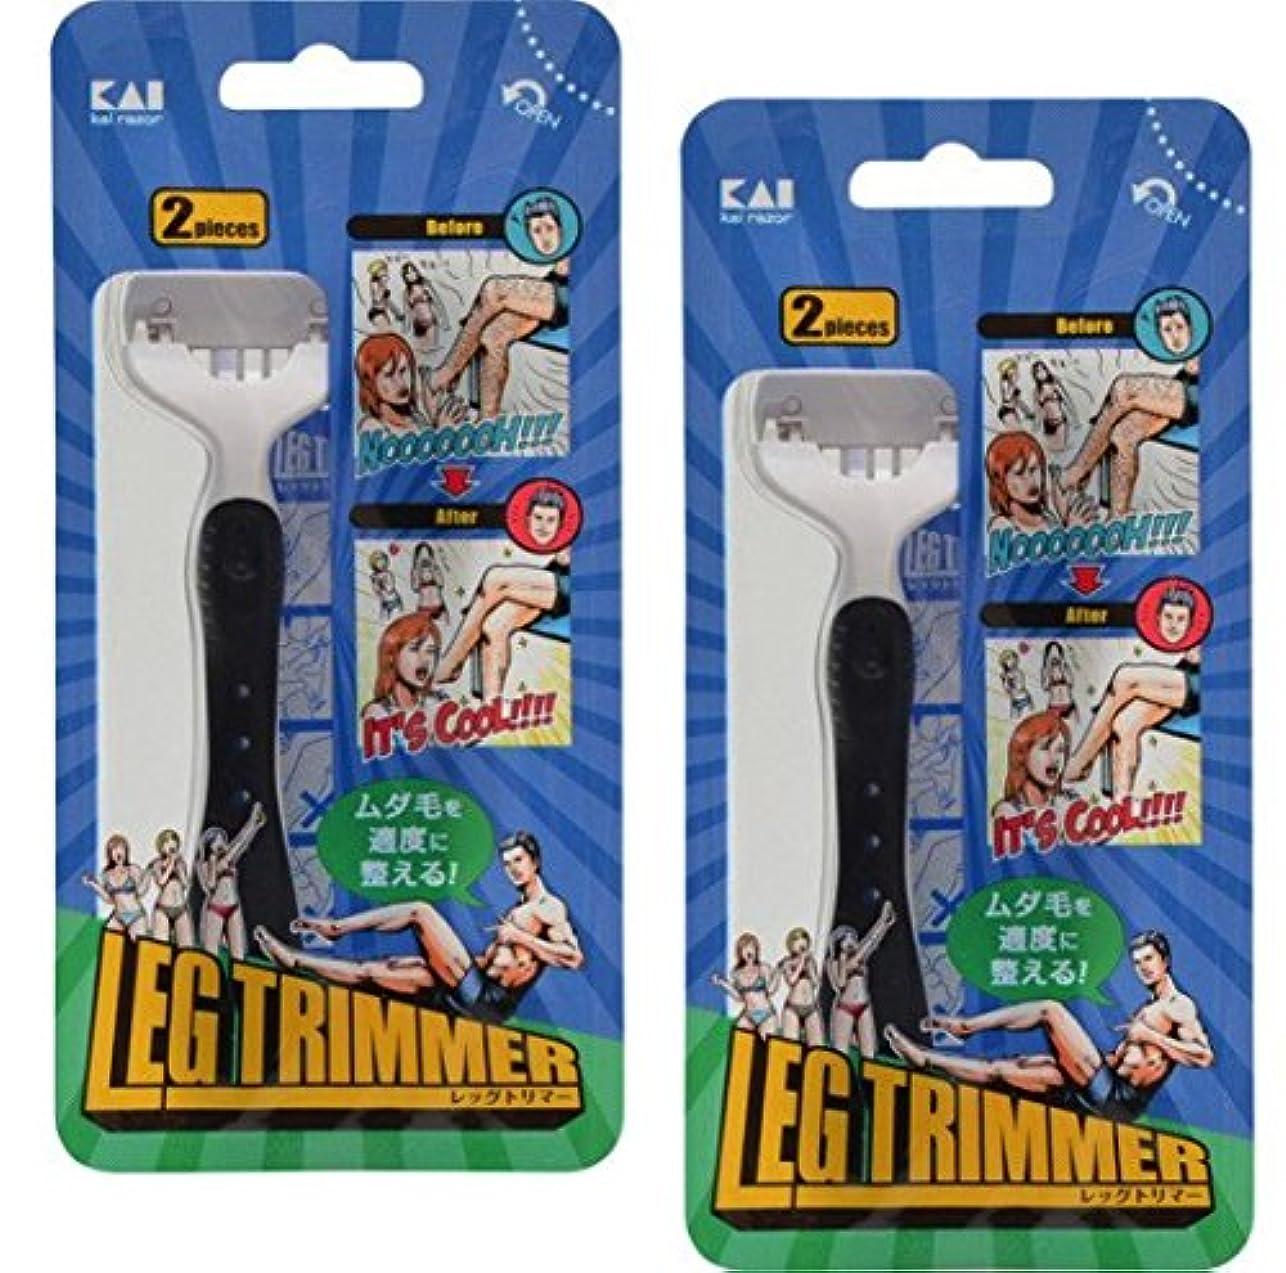 広々ゆり大気LEG TRIMMER レッグトリマー (むだ毛を適度に整えるカミソリ)2本入 2セット